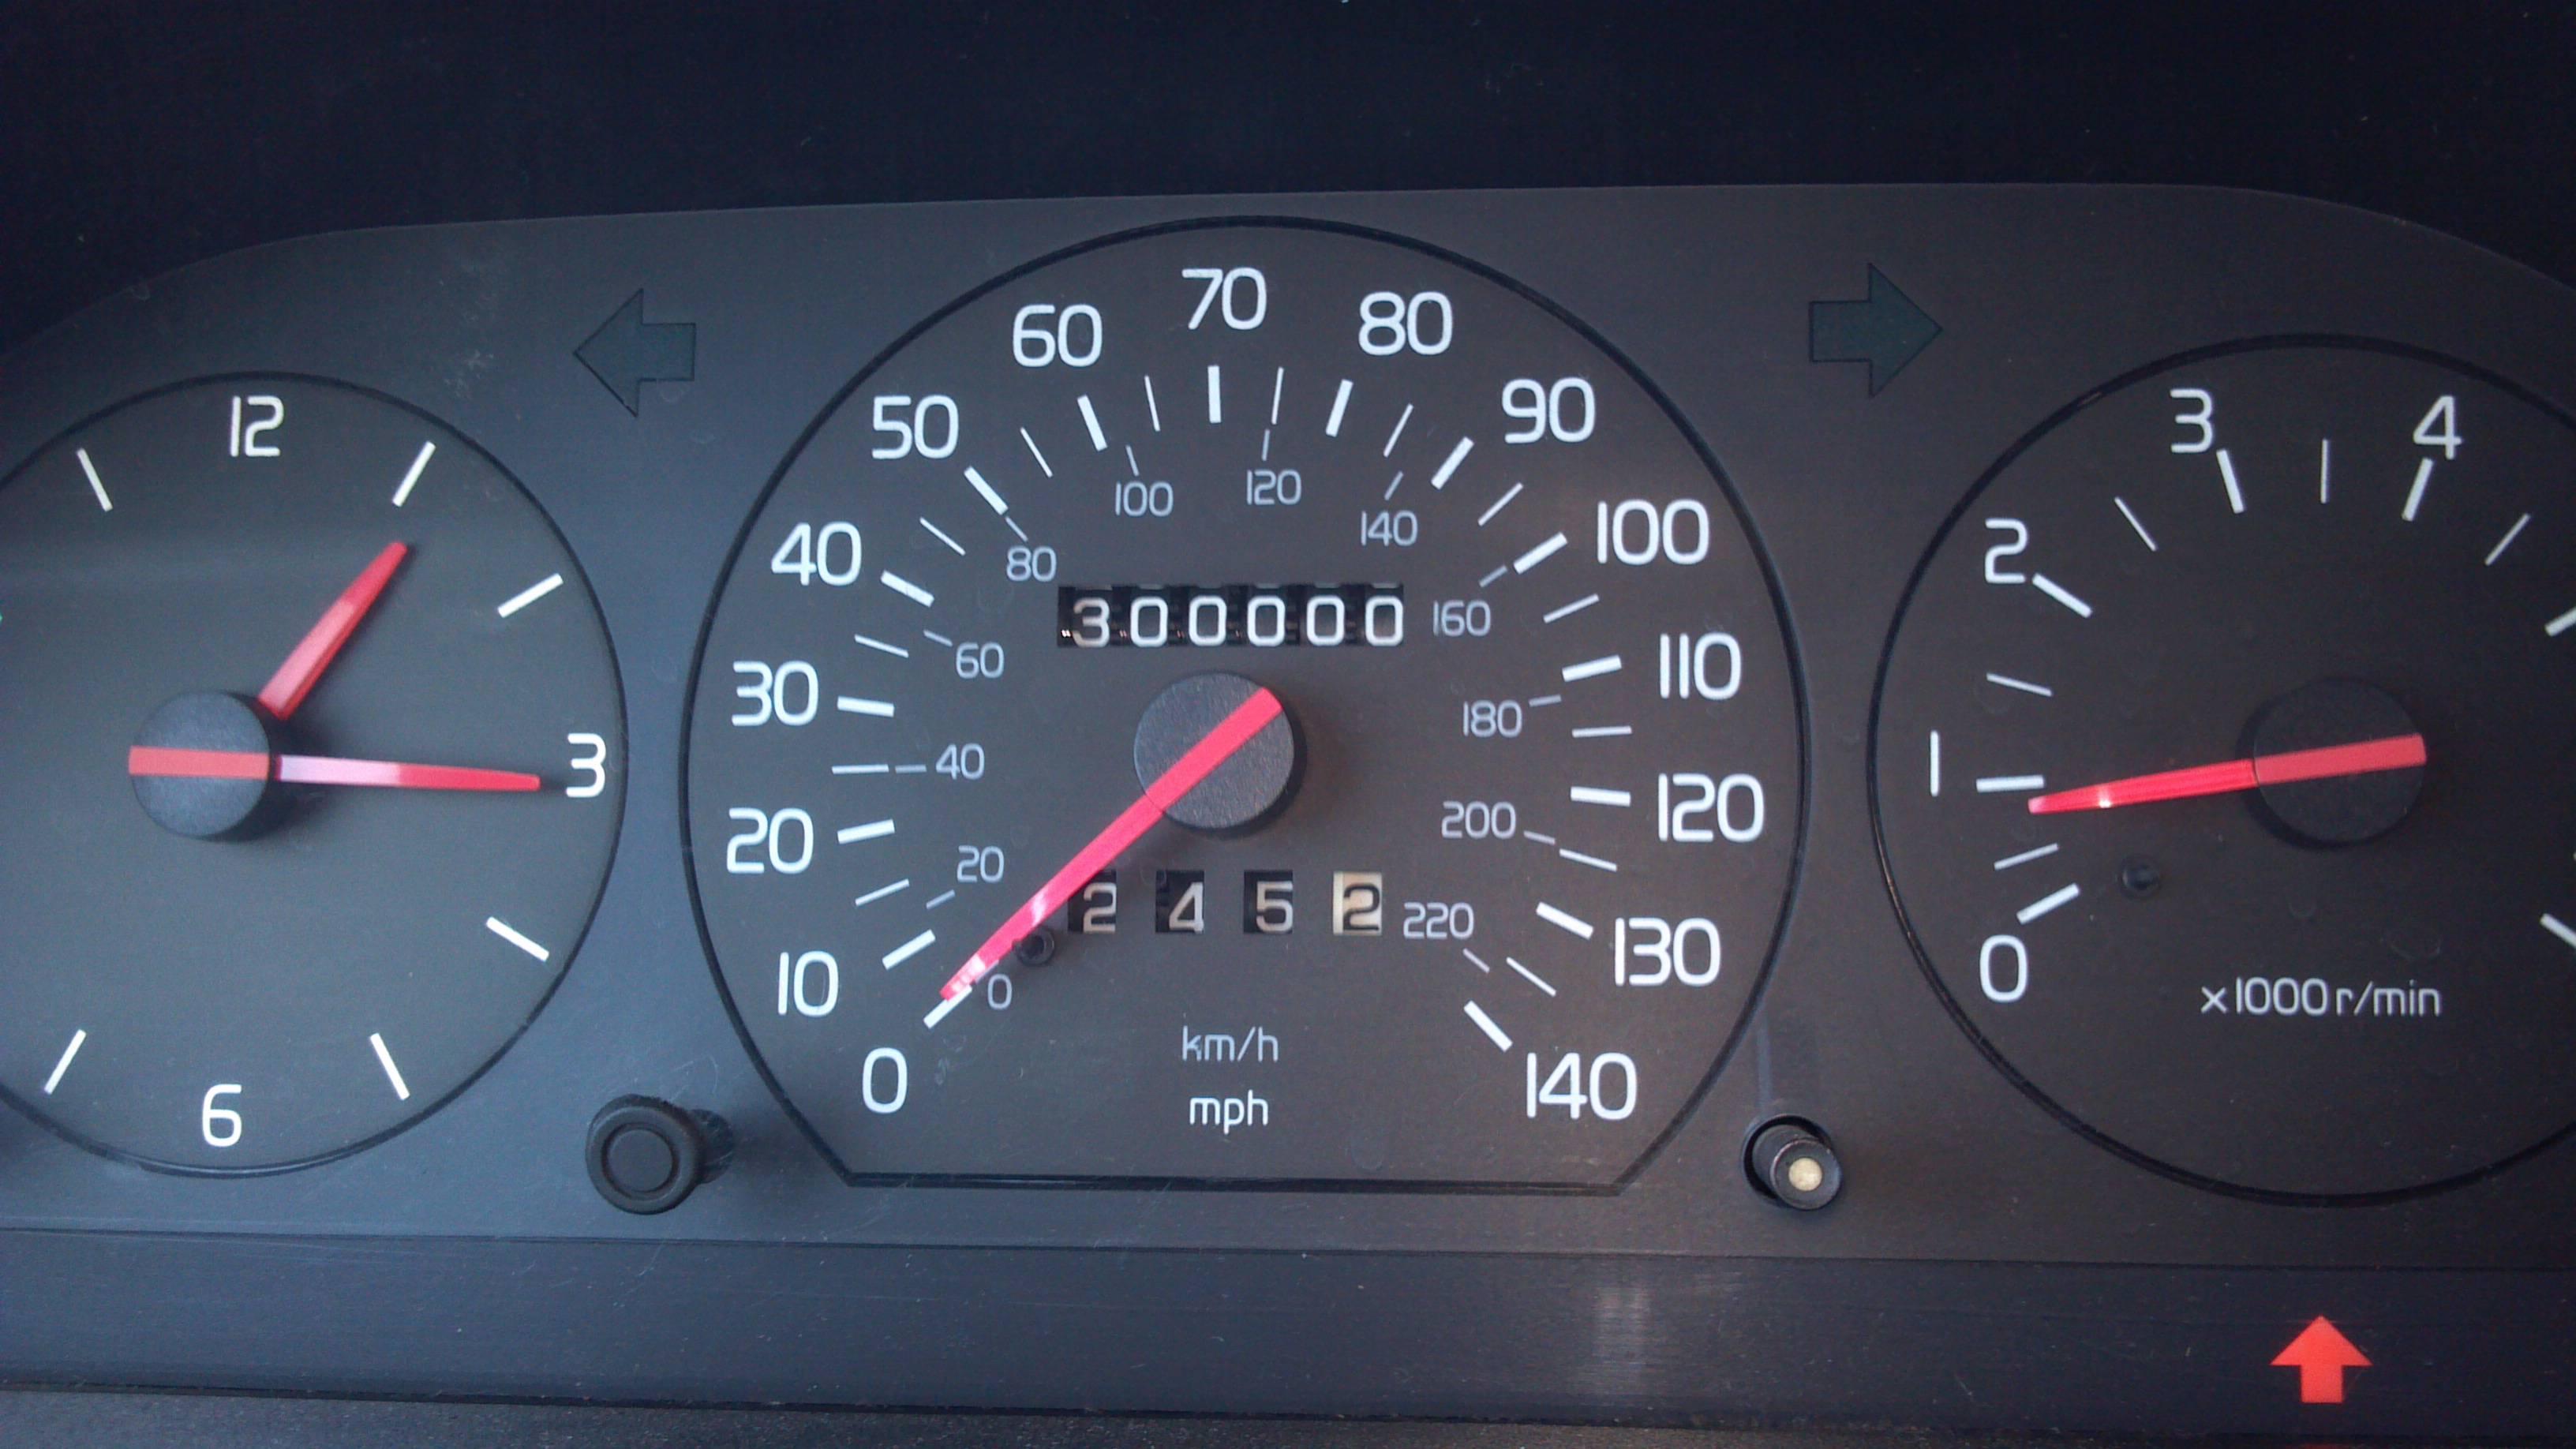 Volvo ecu miles